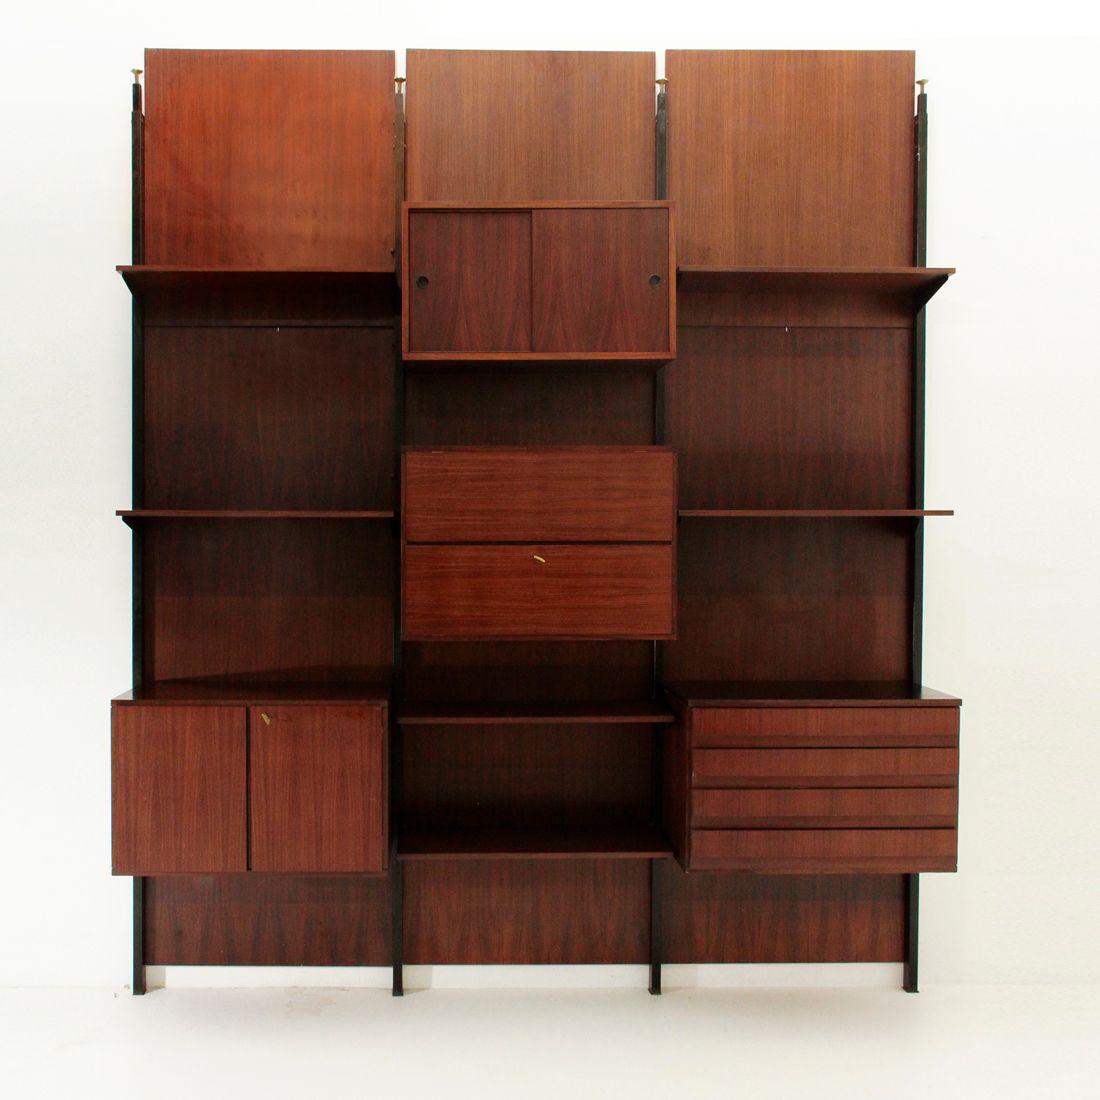 Libreria con scomparti e cassetti impiallacciata in palissandro ...